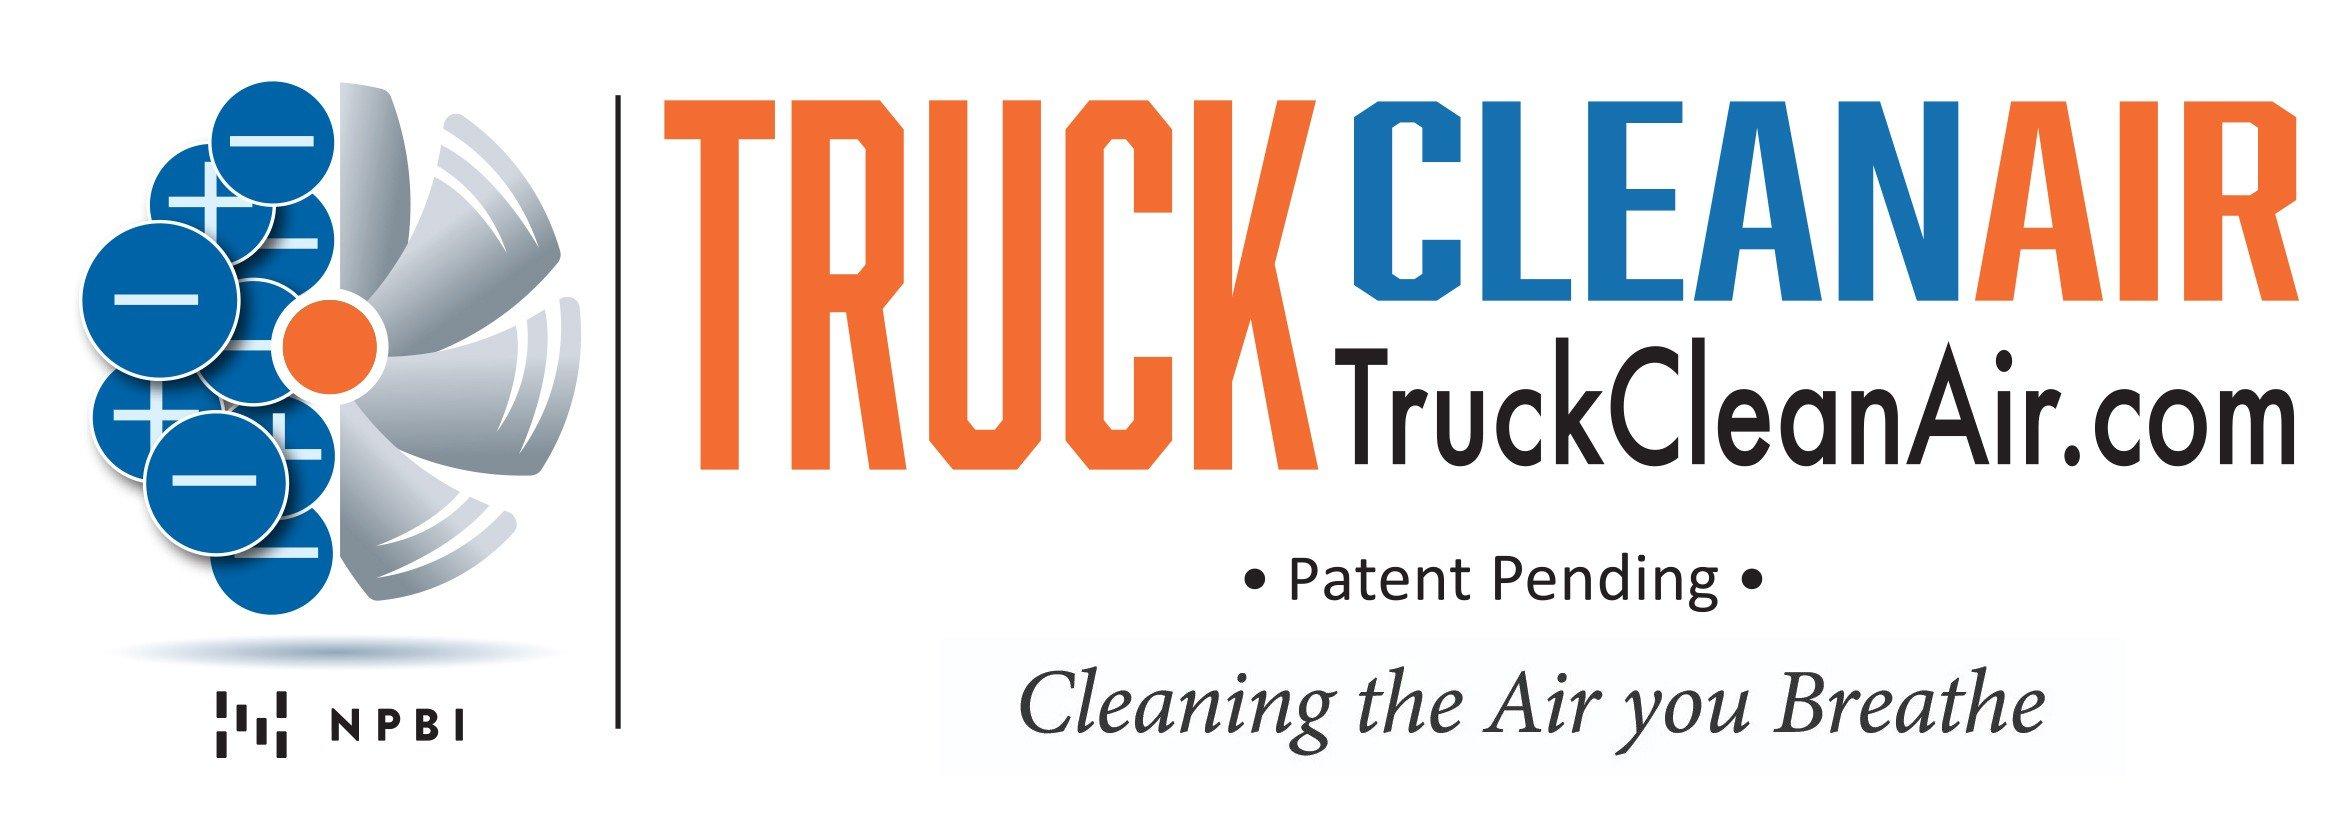 truck clean air